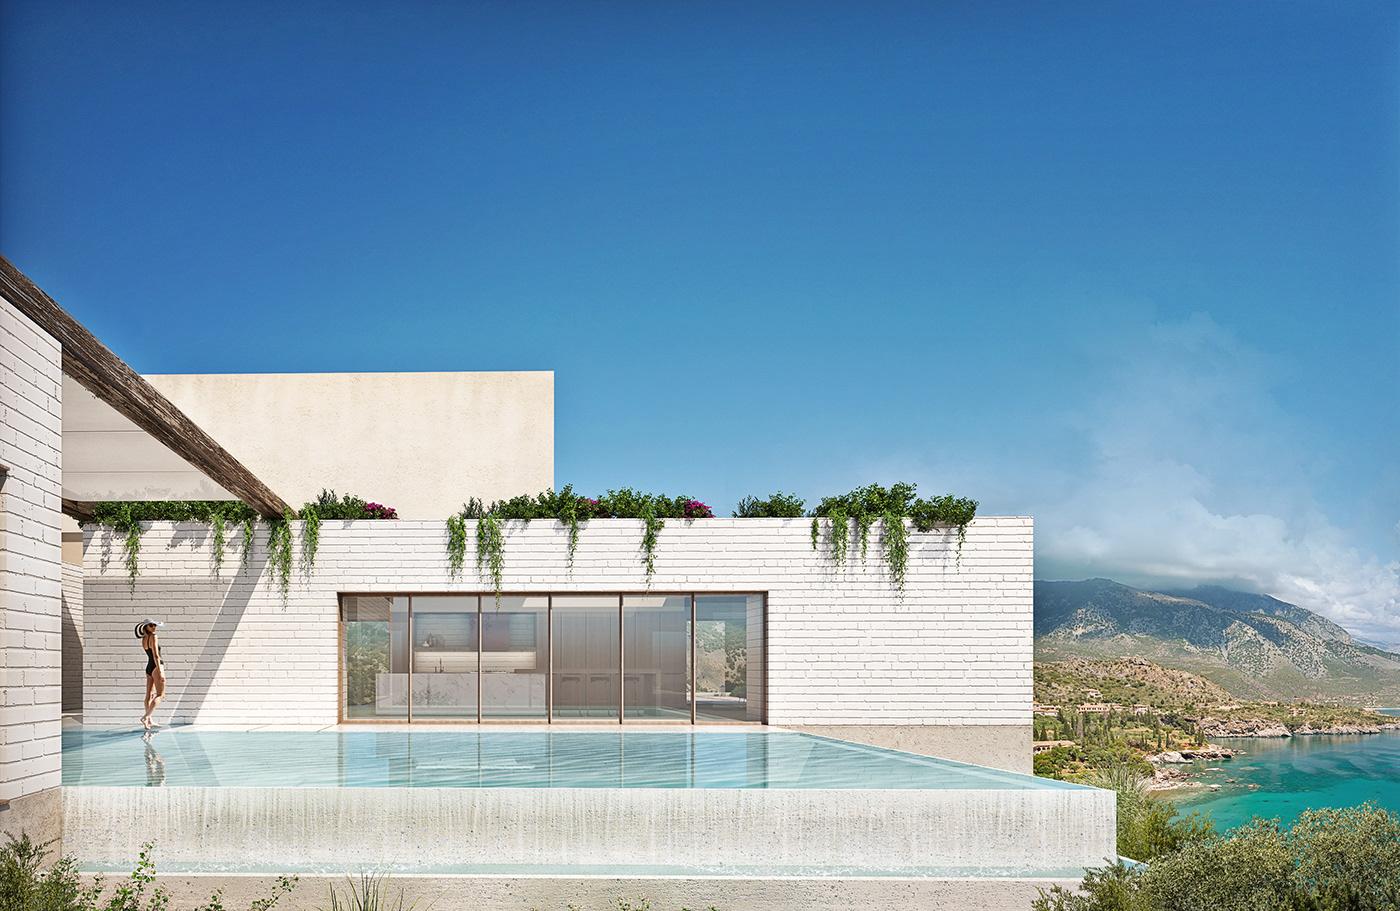 architecture archviz CGI Greece modern photoshop Render rendering Villa vray